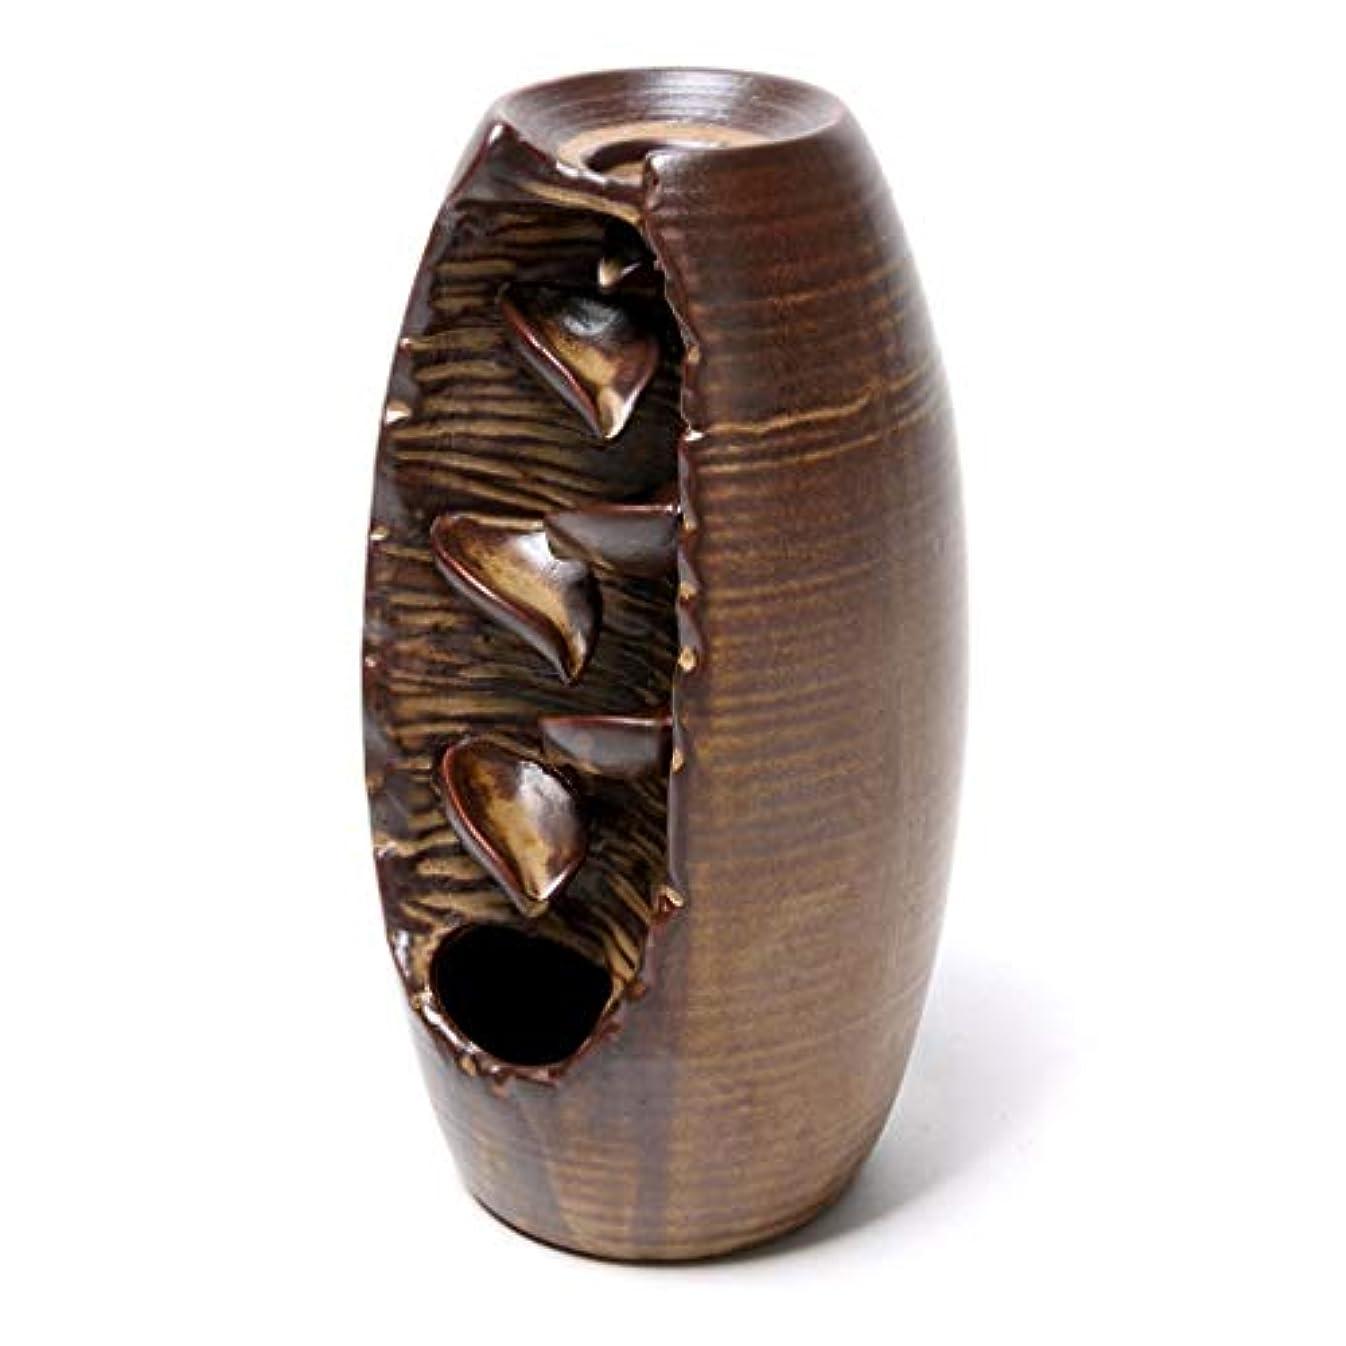 矢印のみテクスチャーセラミック逆流香炉逆流香ホルダーホームセラミックオフィス香コーンホルダーバーナーアロマセラピー炉 (Color : Brown, サイズ : 3.54*8.07 inches)